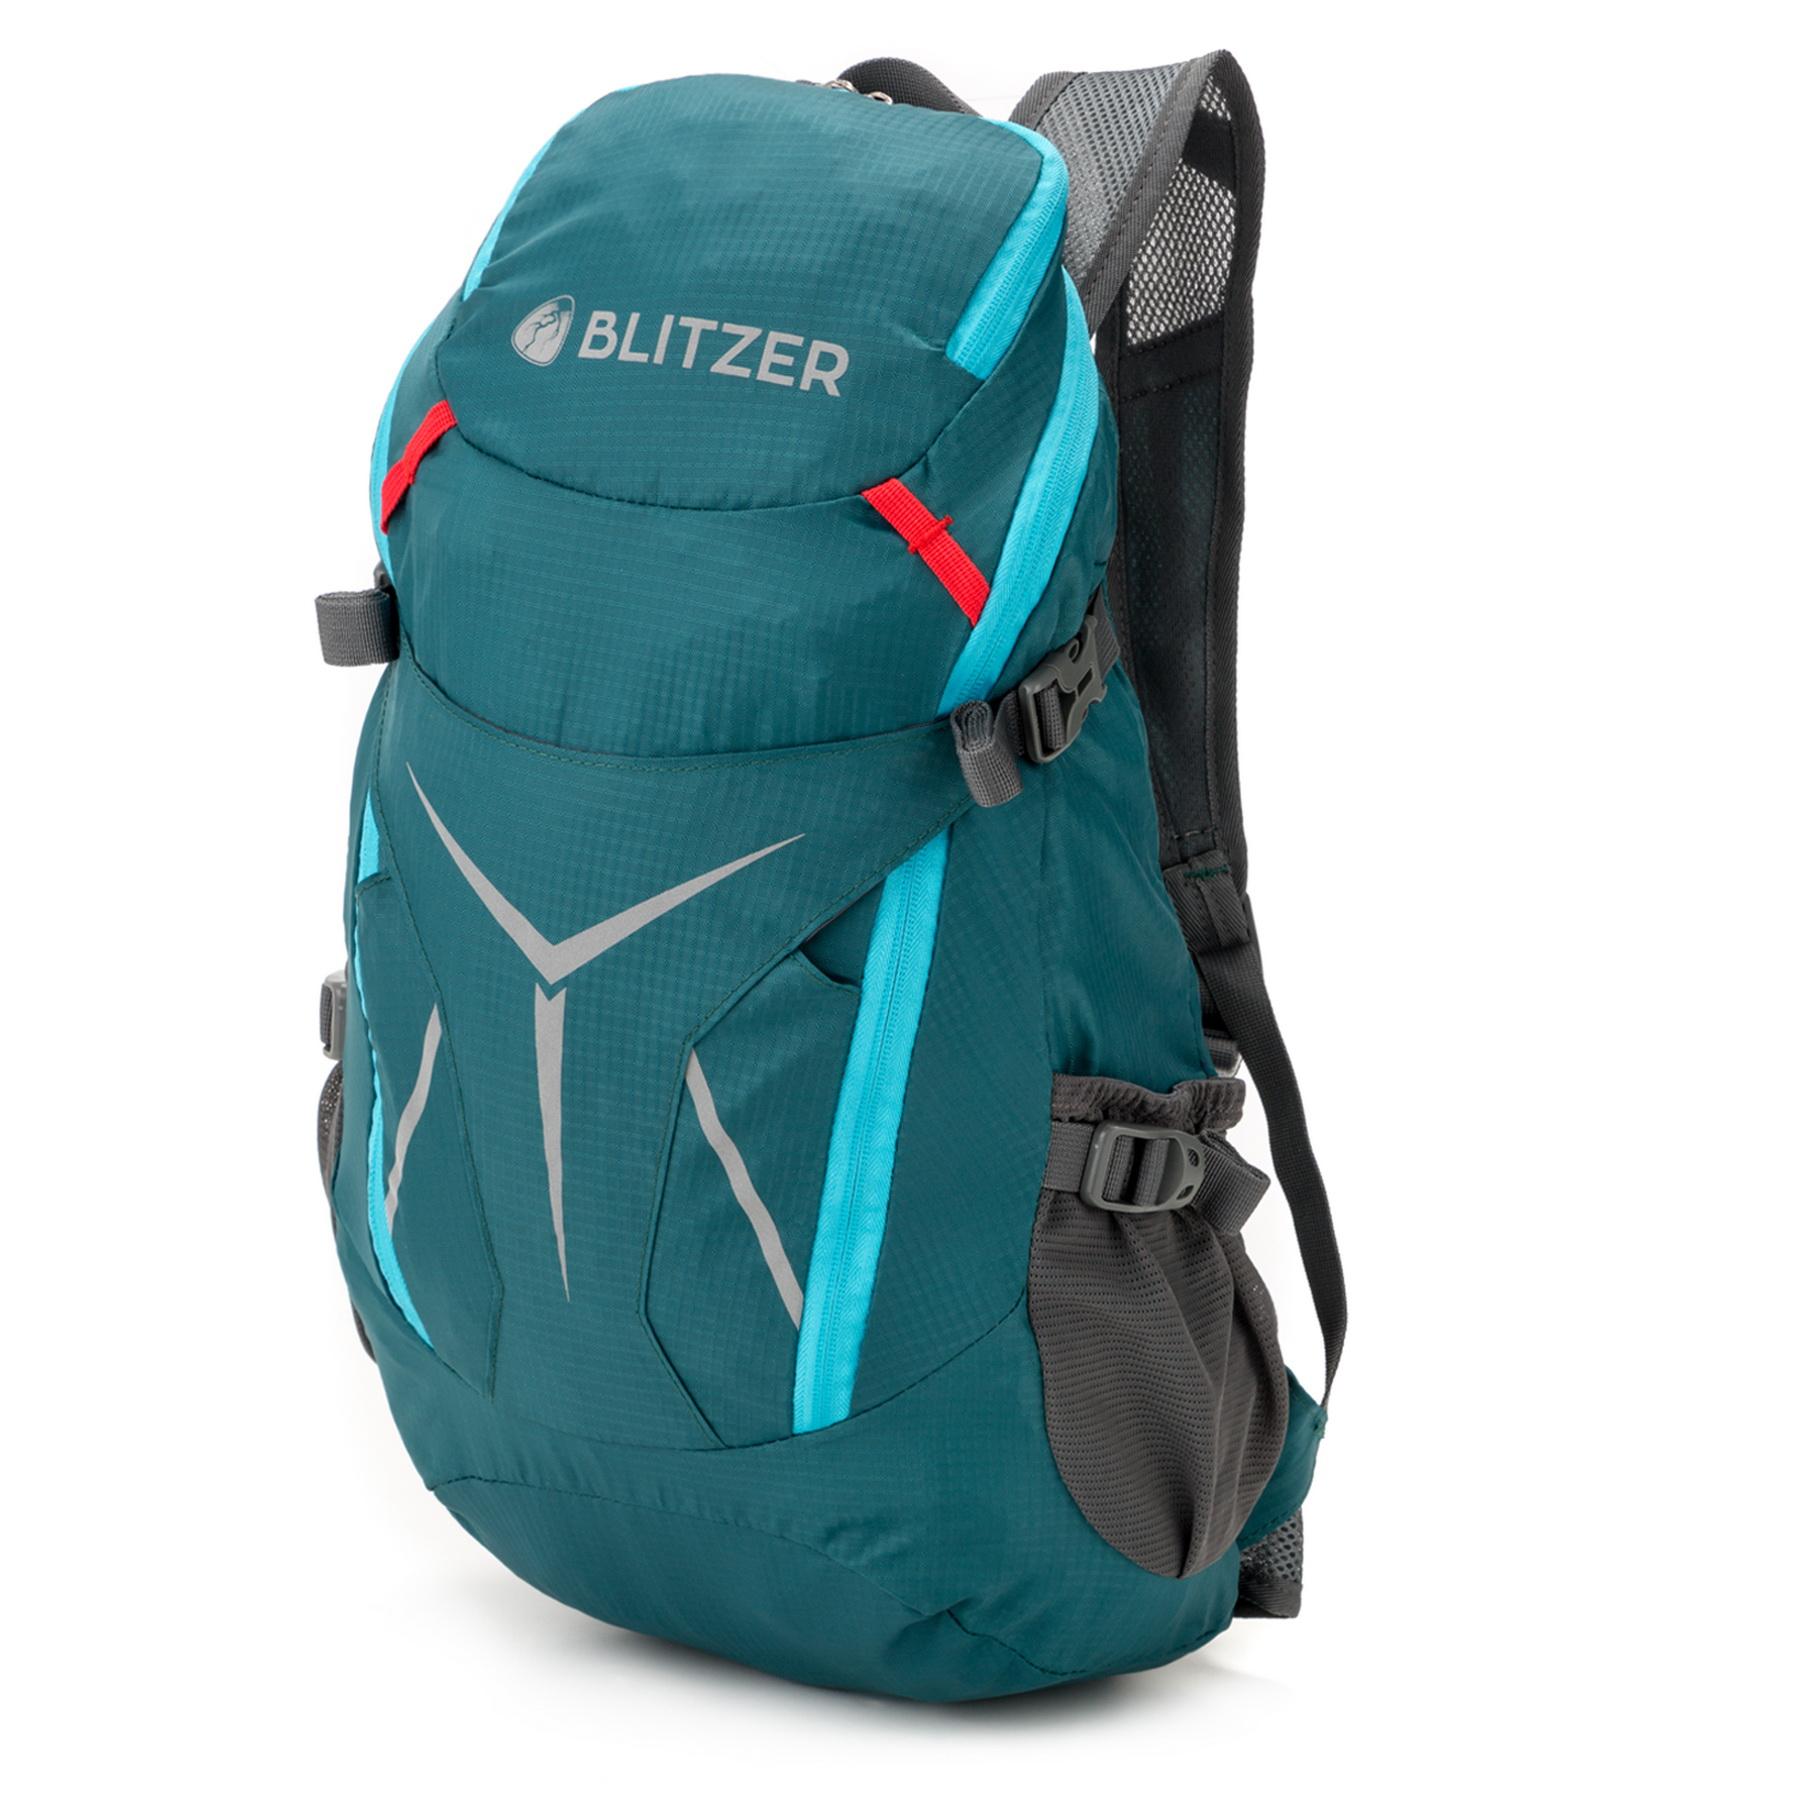 Blitzer Leichter Rucksack [420g] - 20L Fassungsvolumen petrol/hellblau